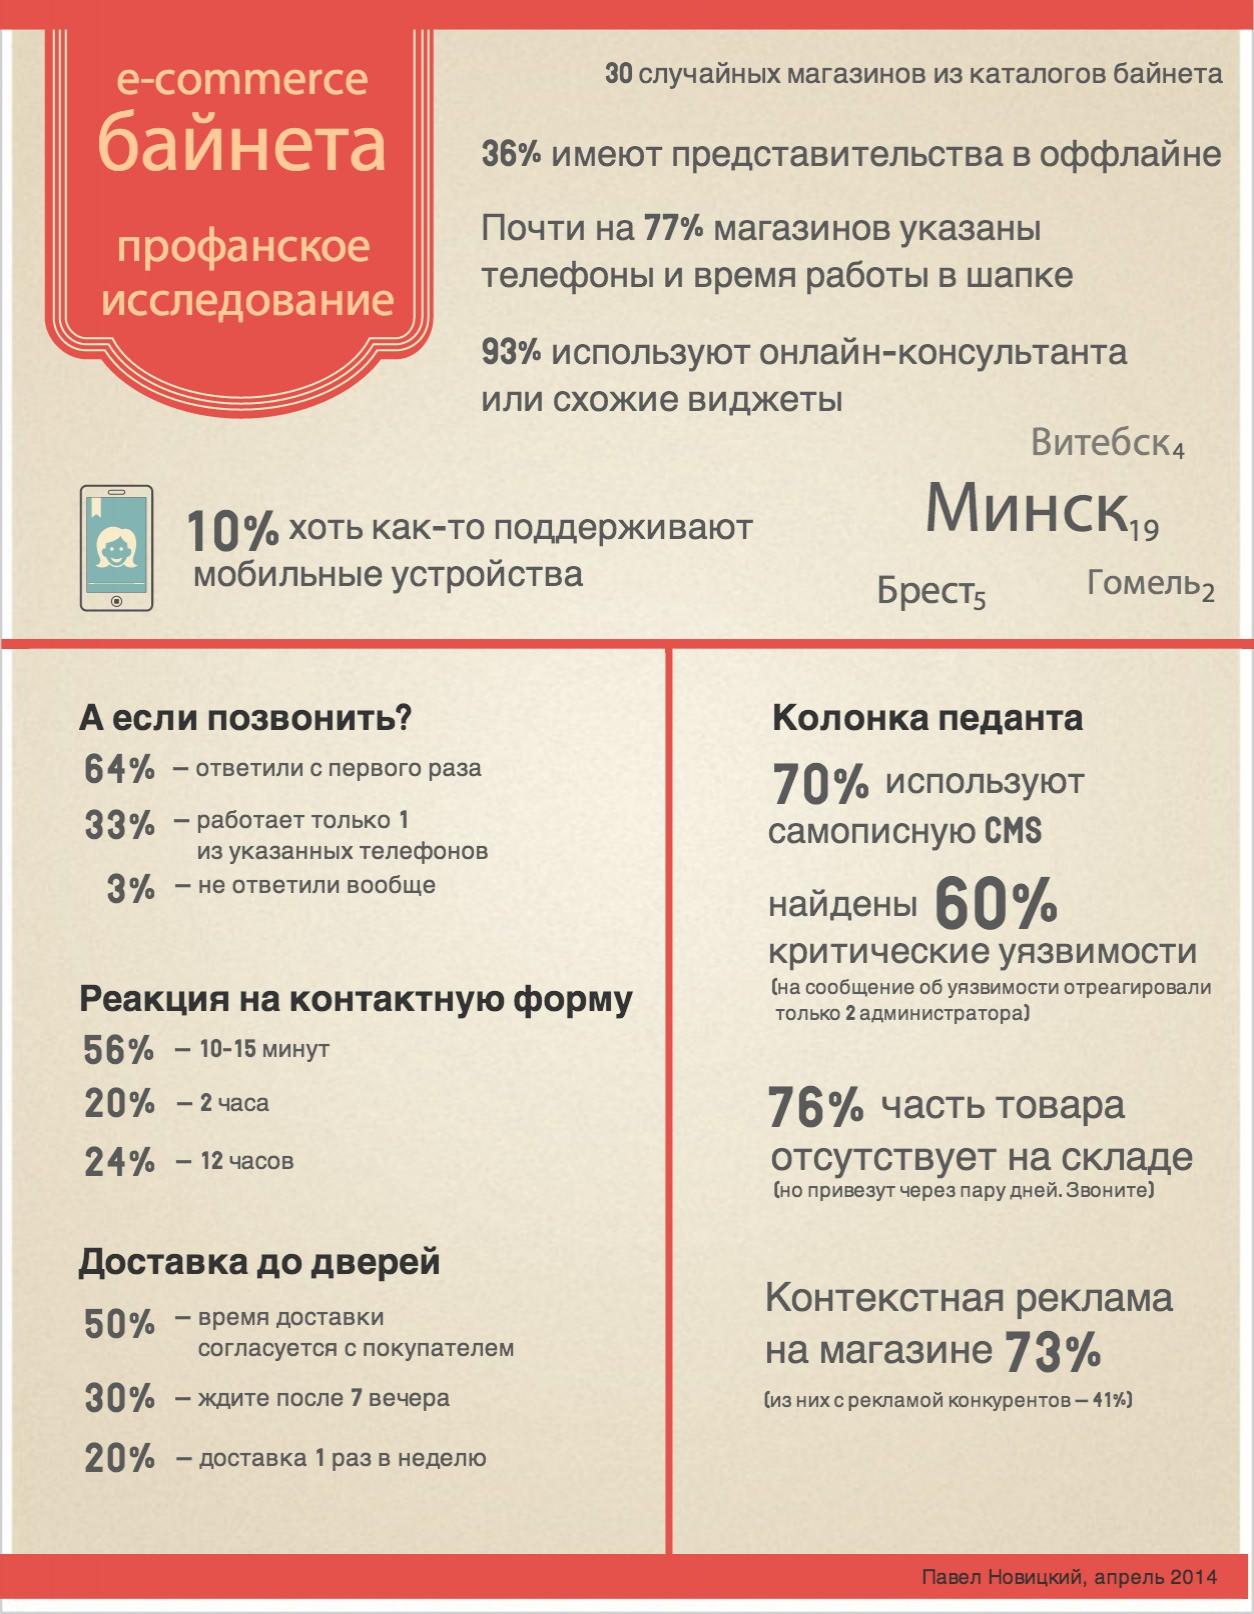 Состояние e-commerce в Беларуси